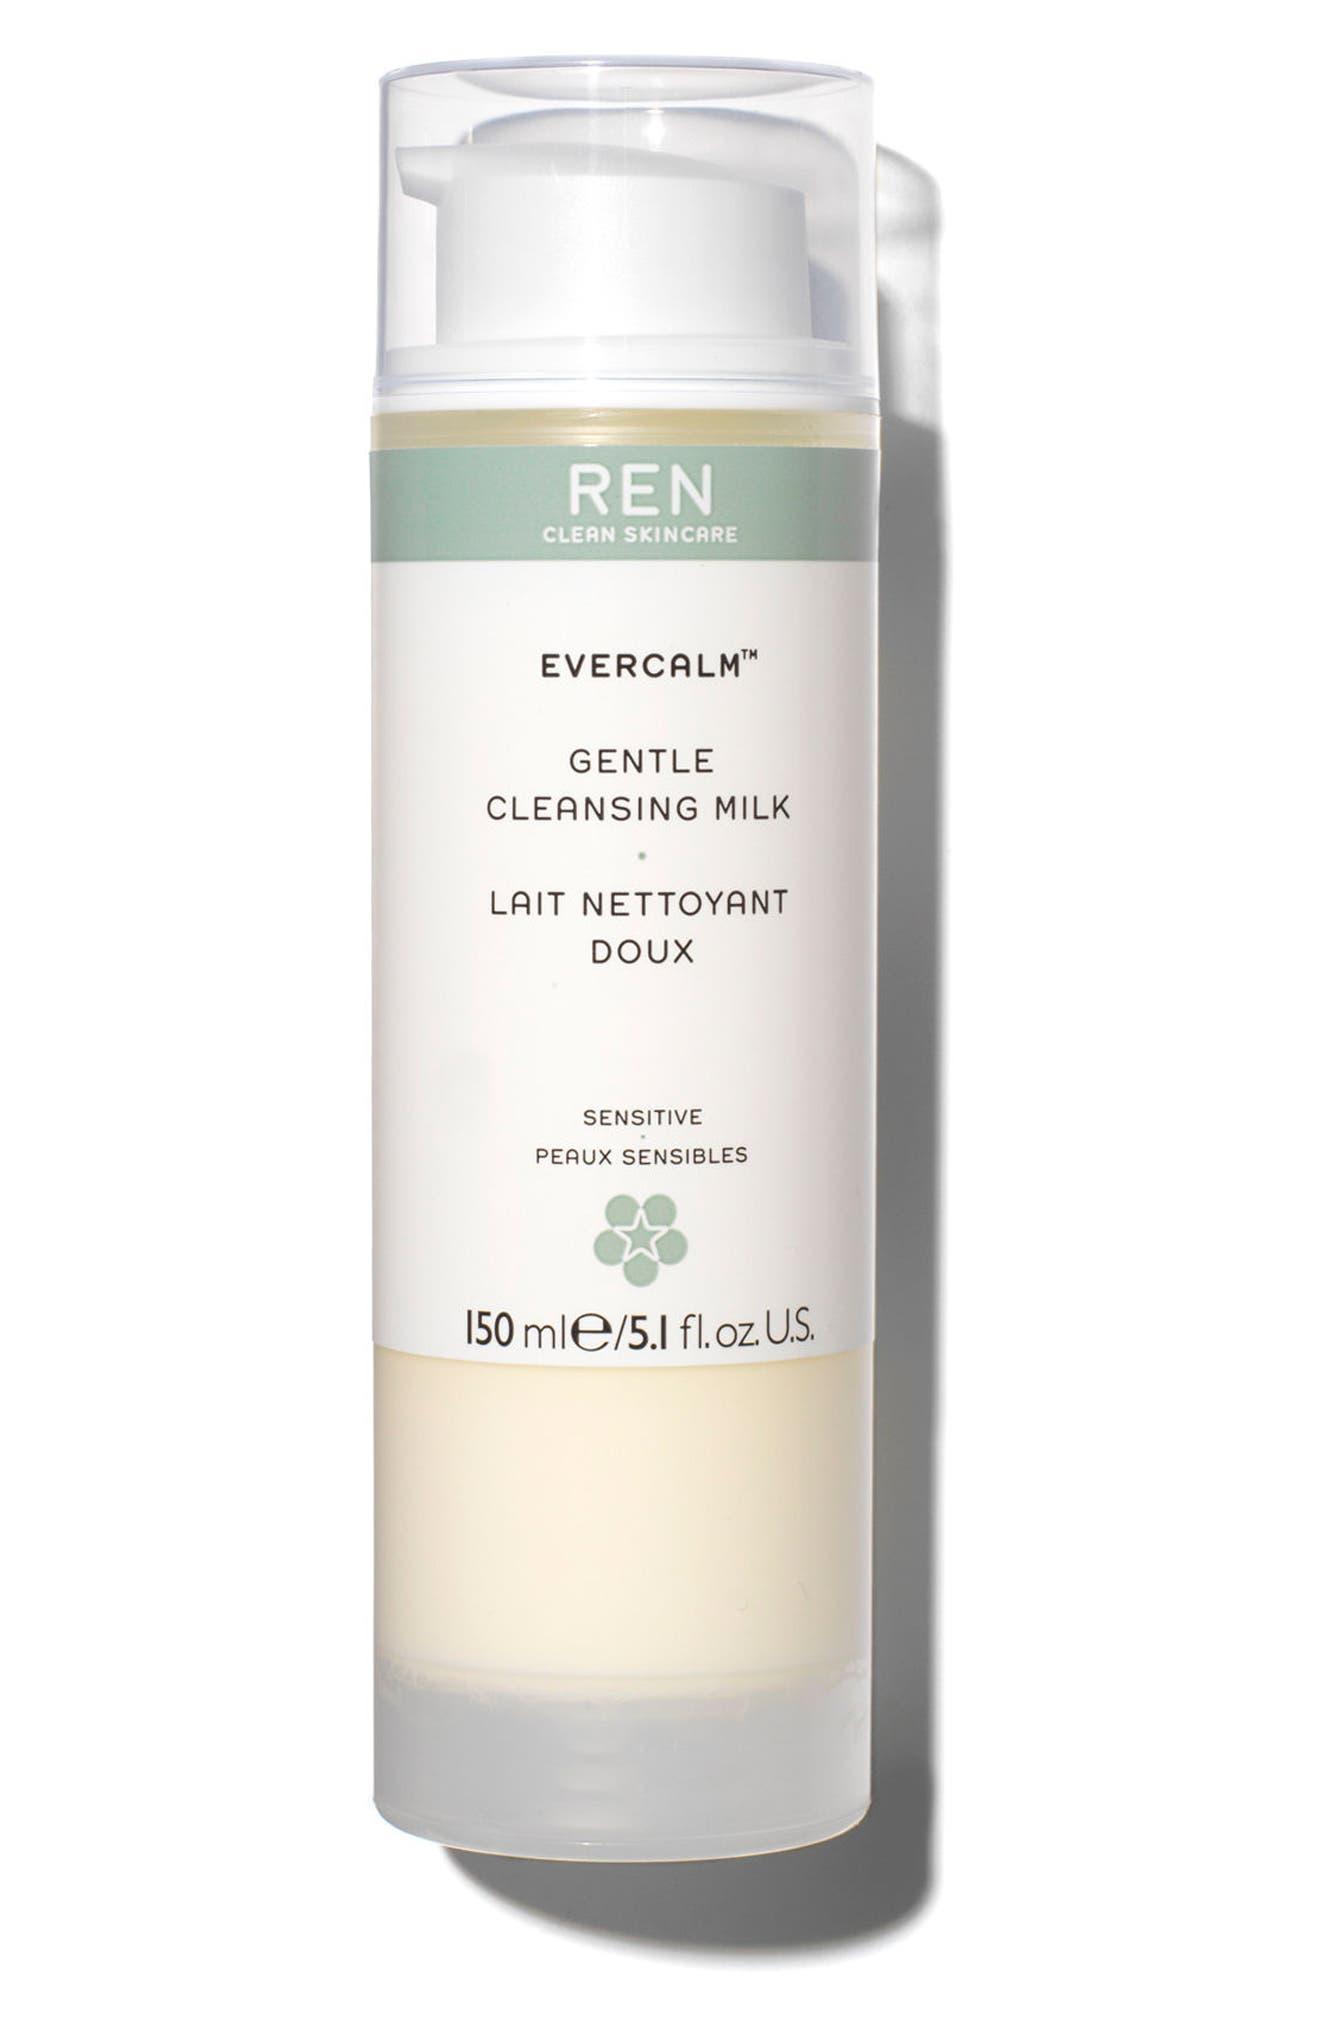 REN 'Evercalm™' Gentle Cleansing Milk